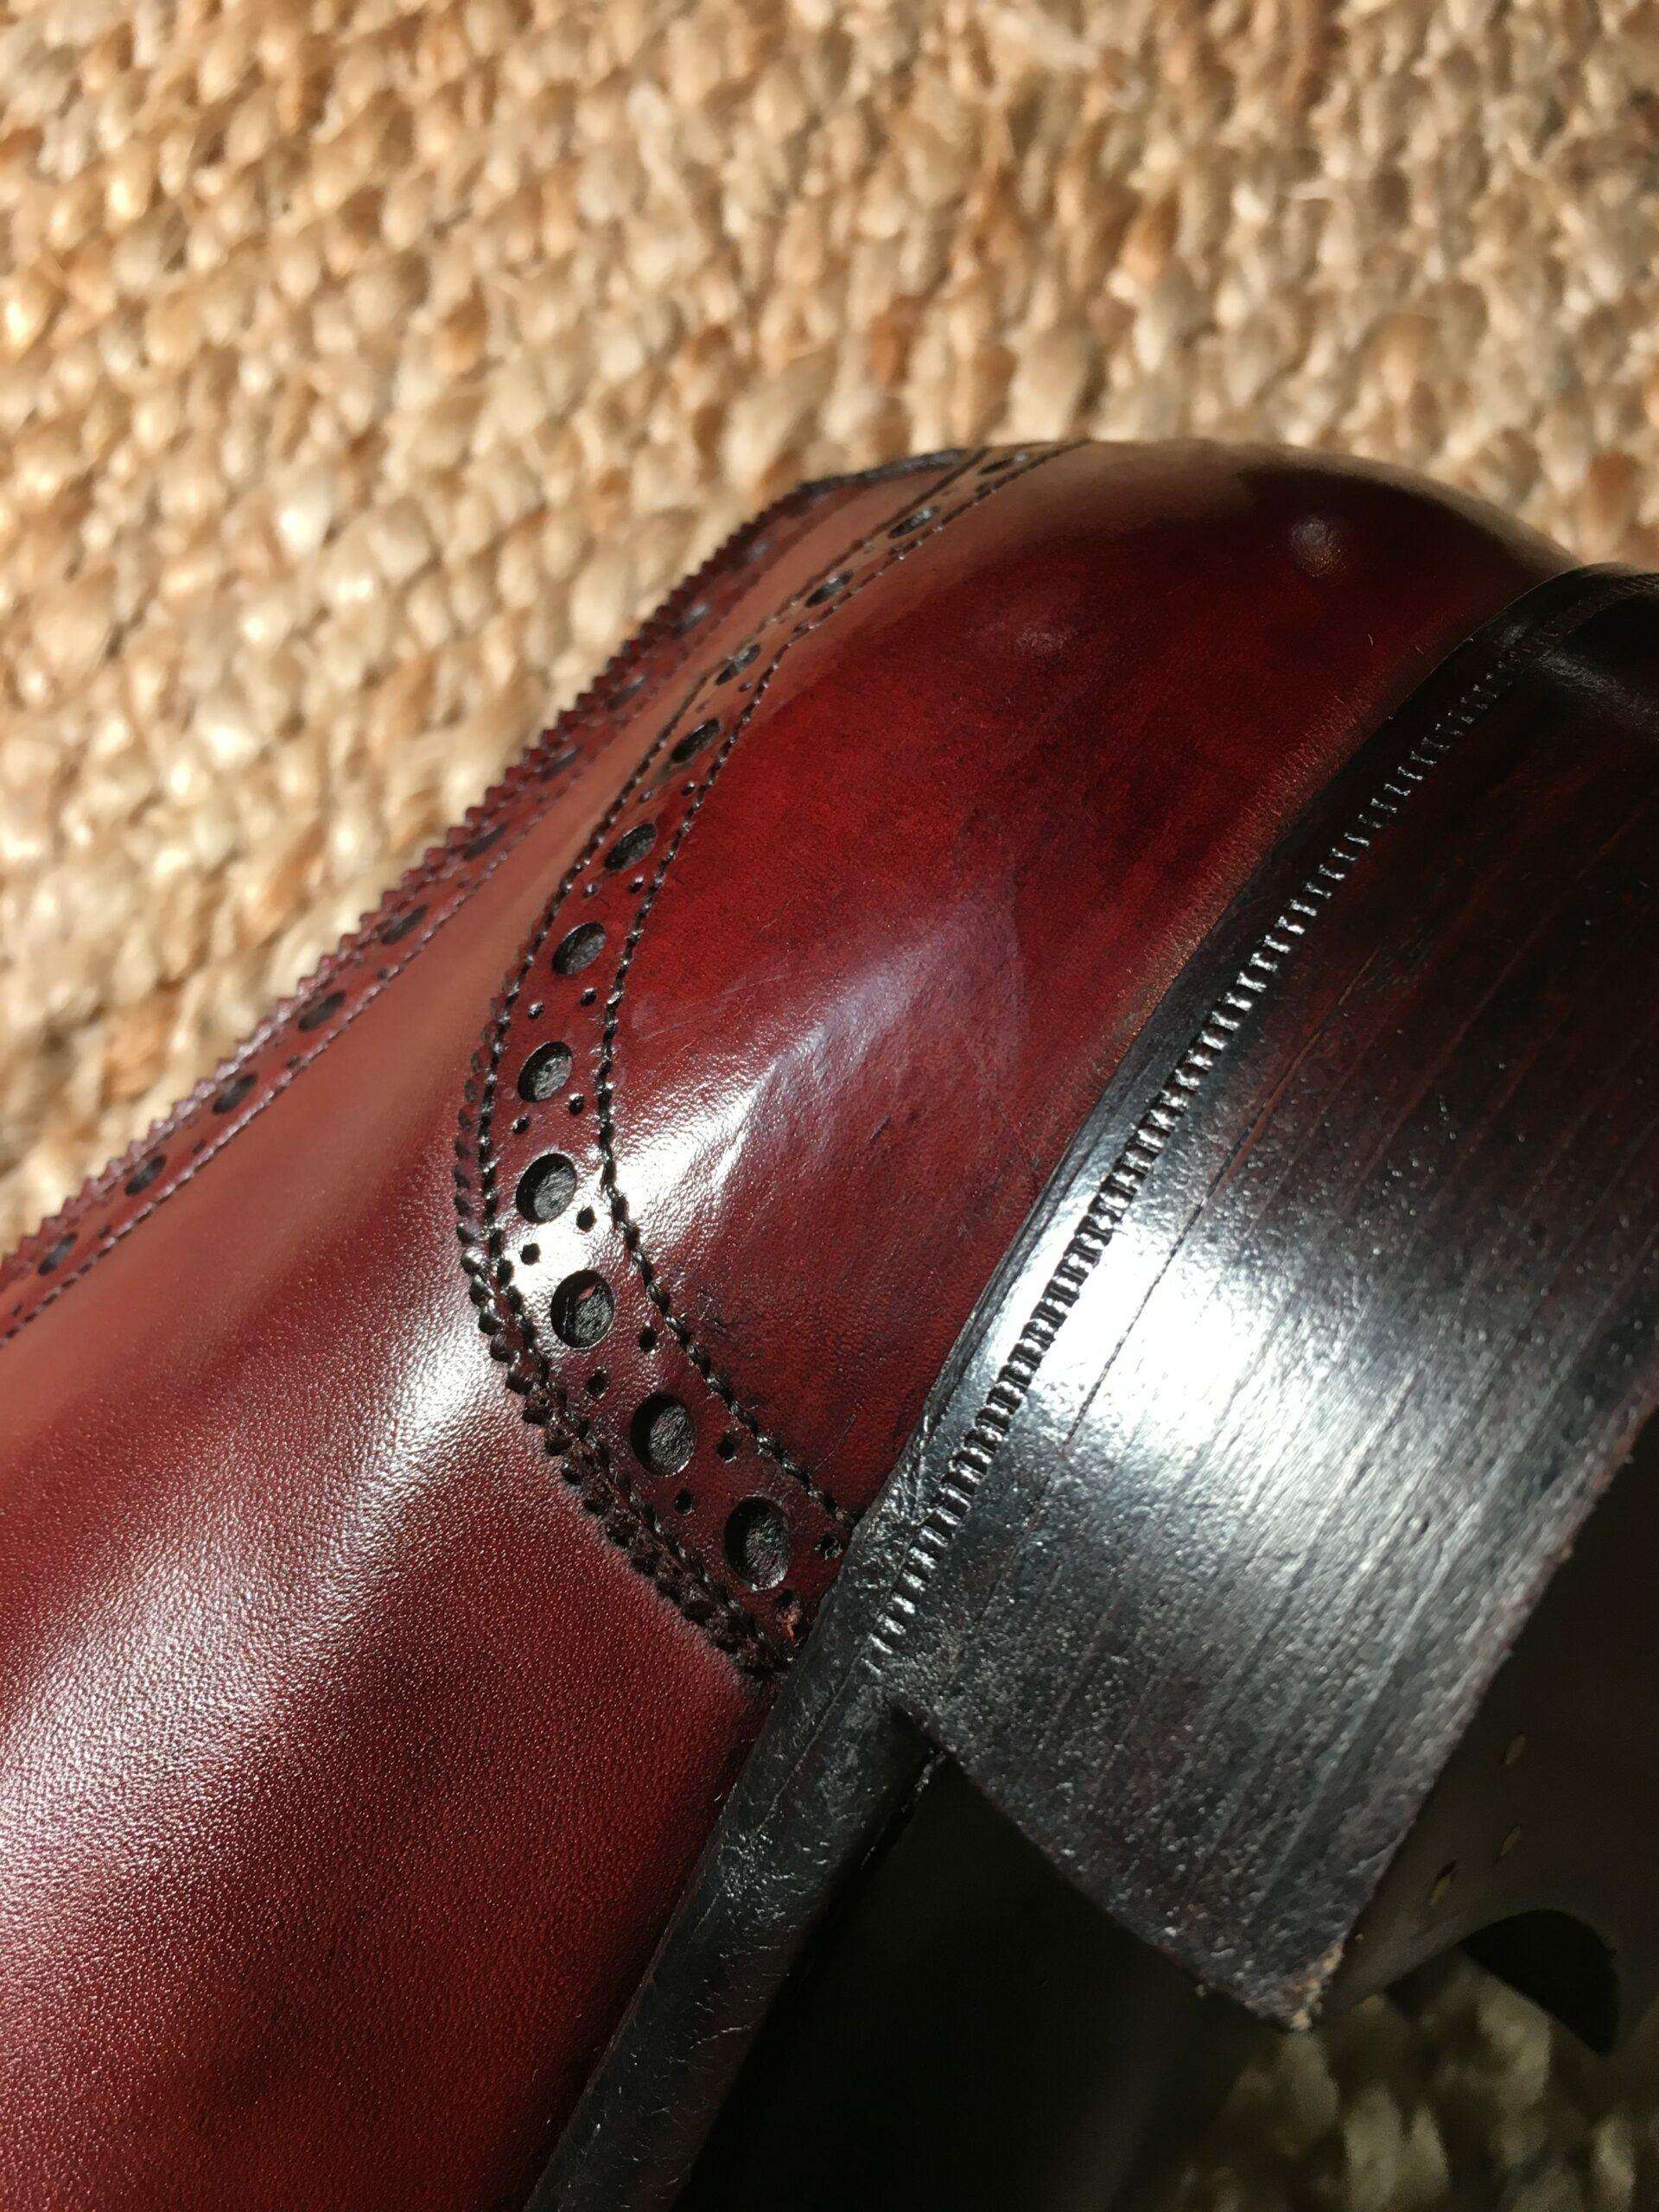 Une paire de Gaziano & Girling avec un cuir légèrement veiné au niveau du contrefort, un endroit peu visible mais qui démontre bien, s'il en était besoin, que même sur des pompes à plus de 600 euros le cuir n'est pas toujours parfait. (Source : Reddit)